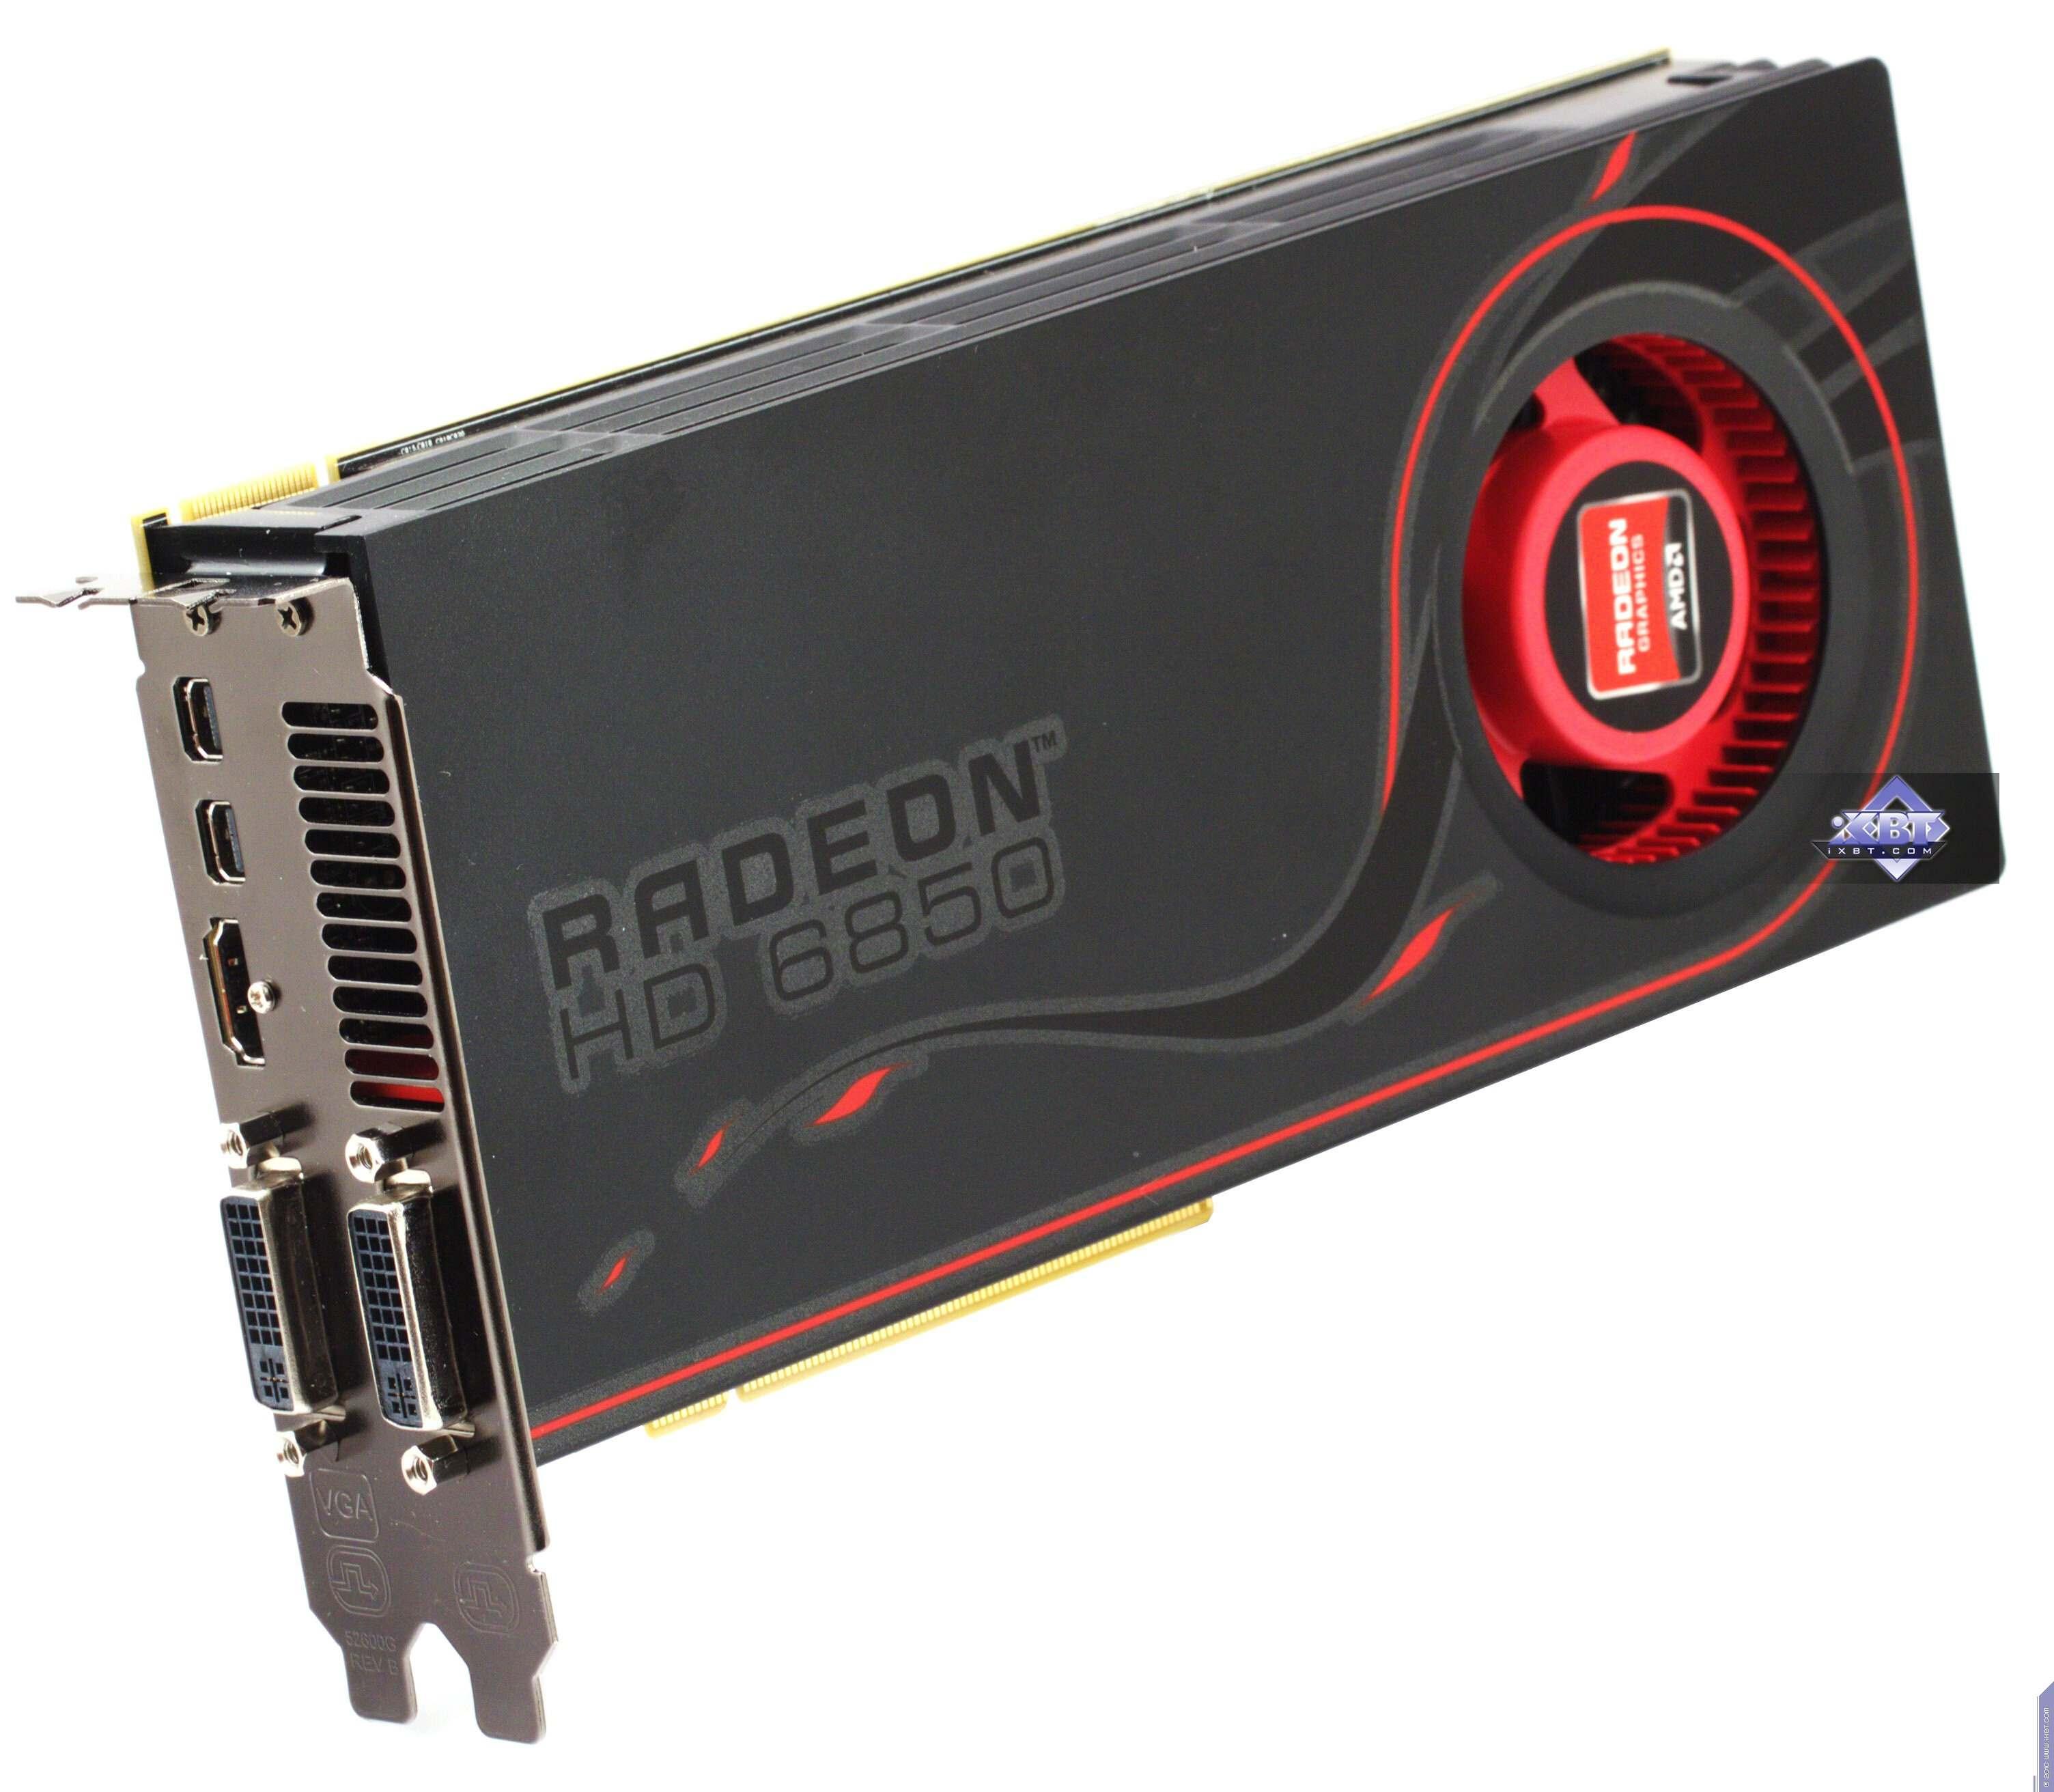 Radeon hd 6850 драйвера скачать